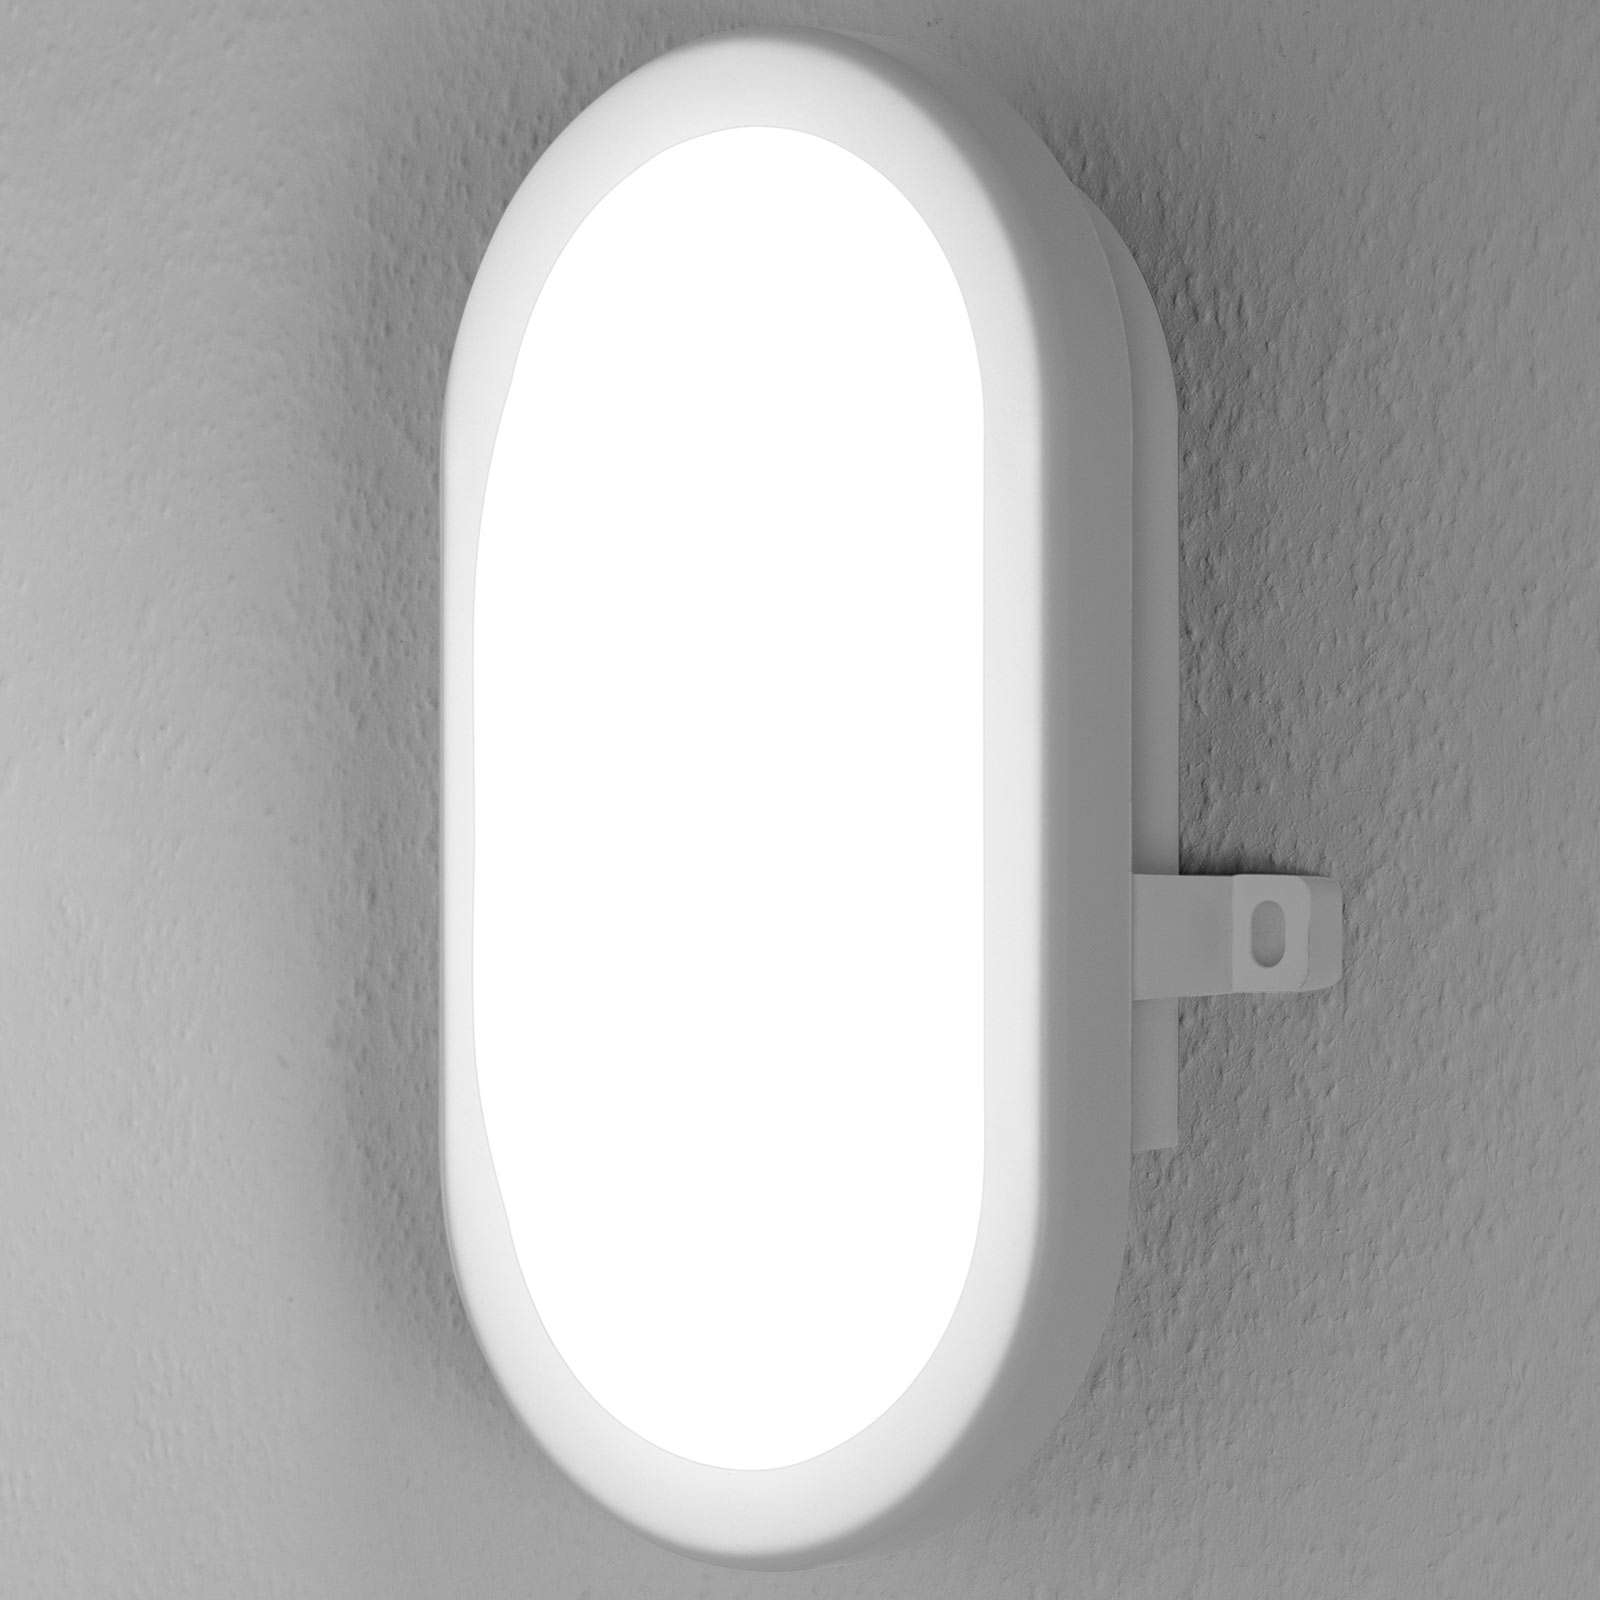 LEDVANCE Bulkhead udendørs LED-væglampe 11W, hvid